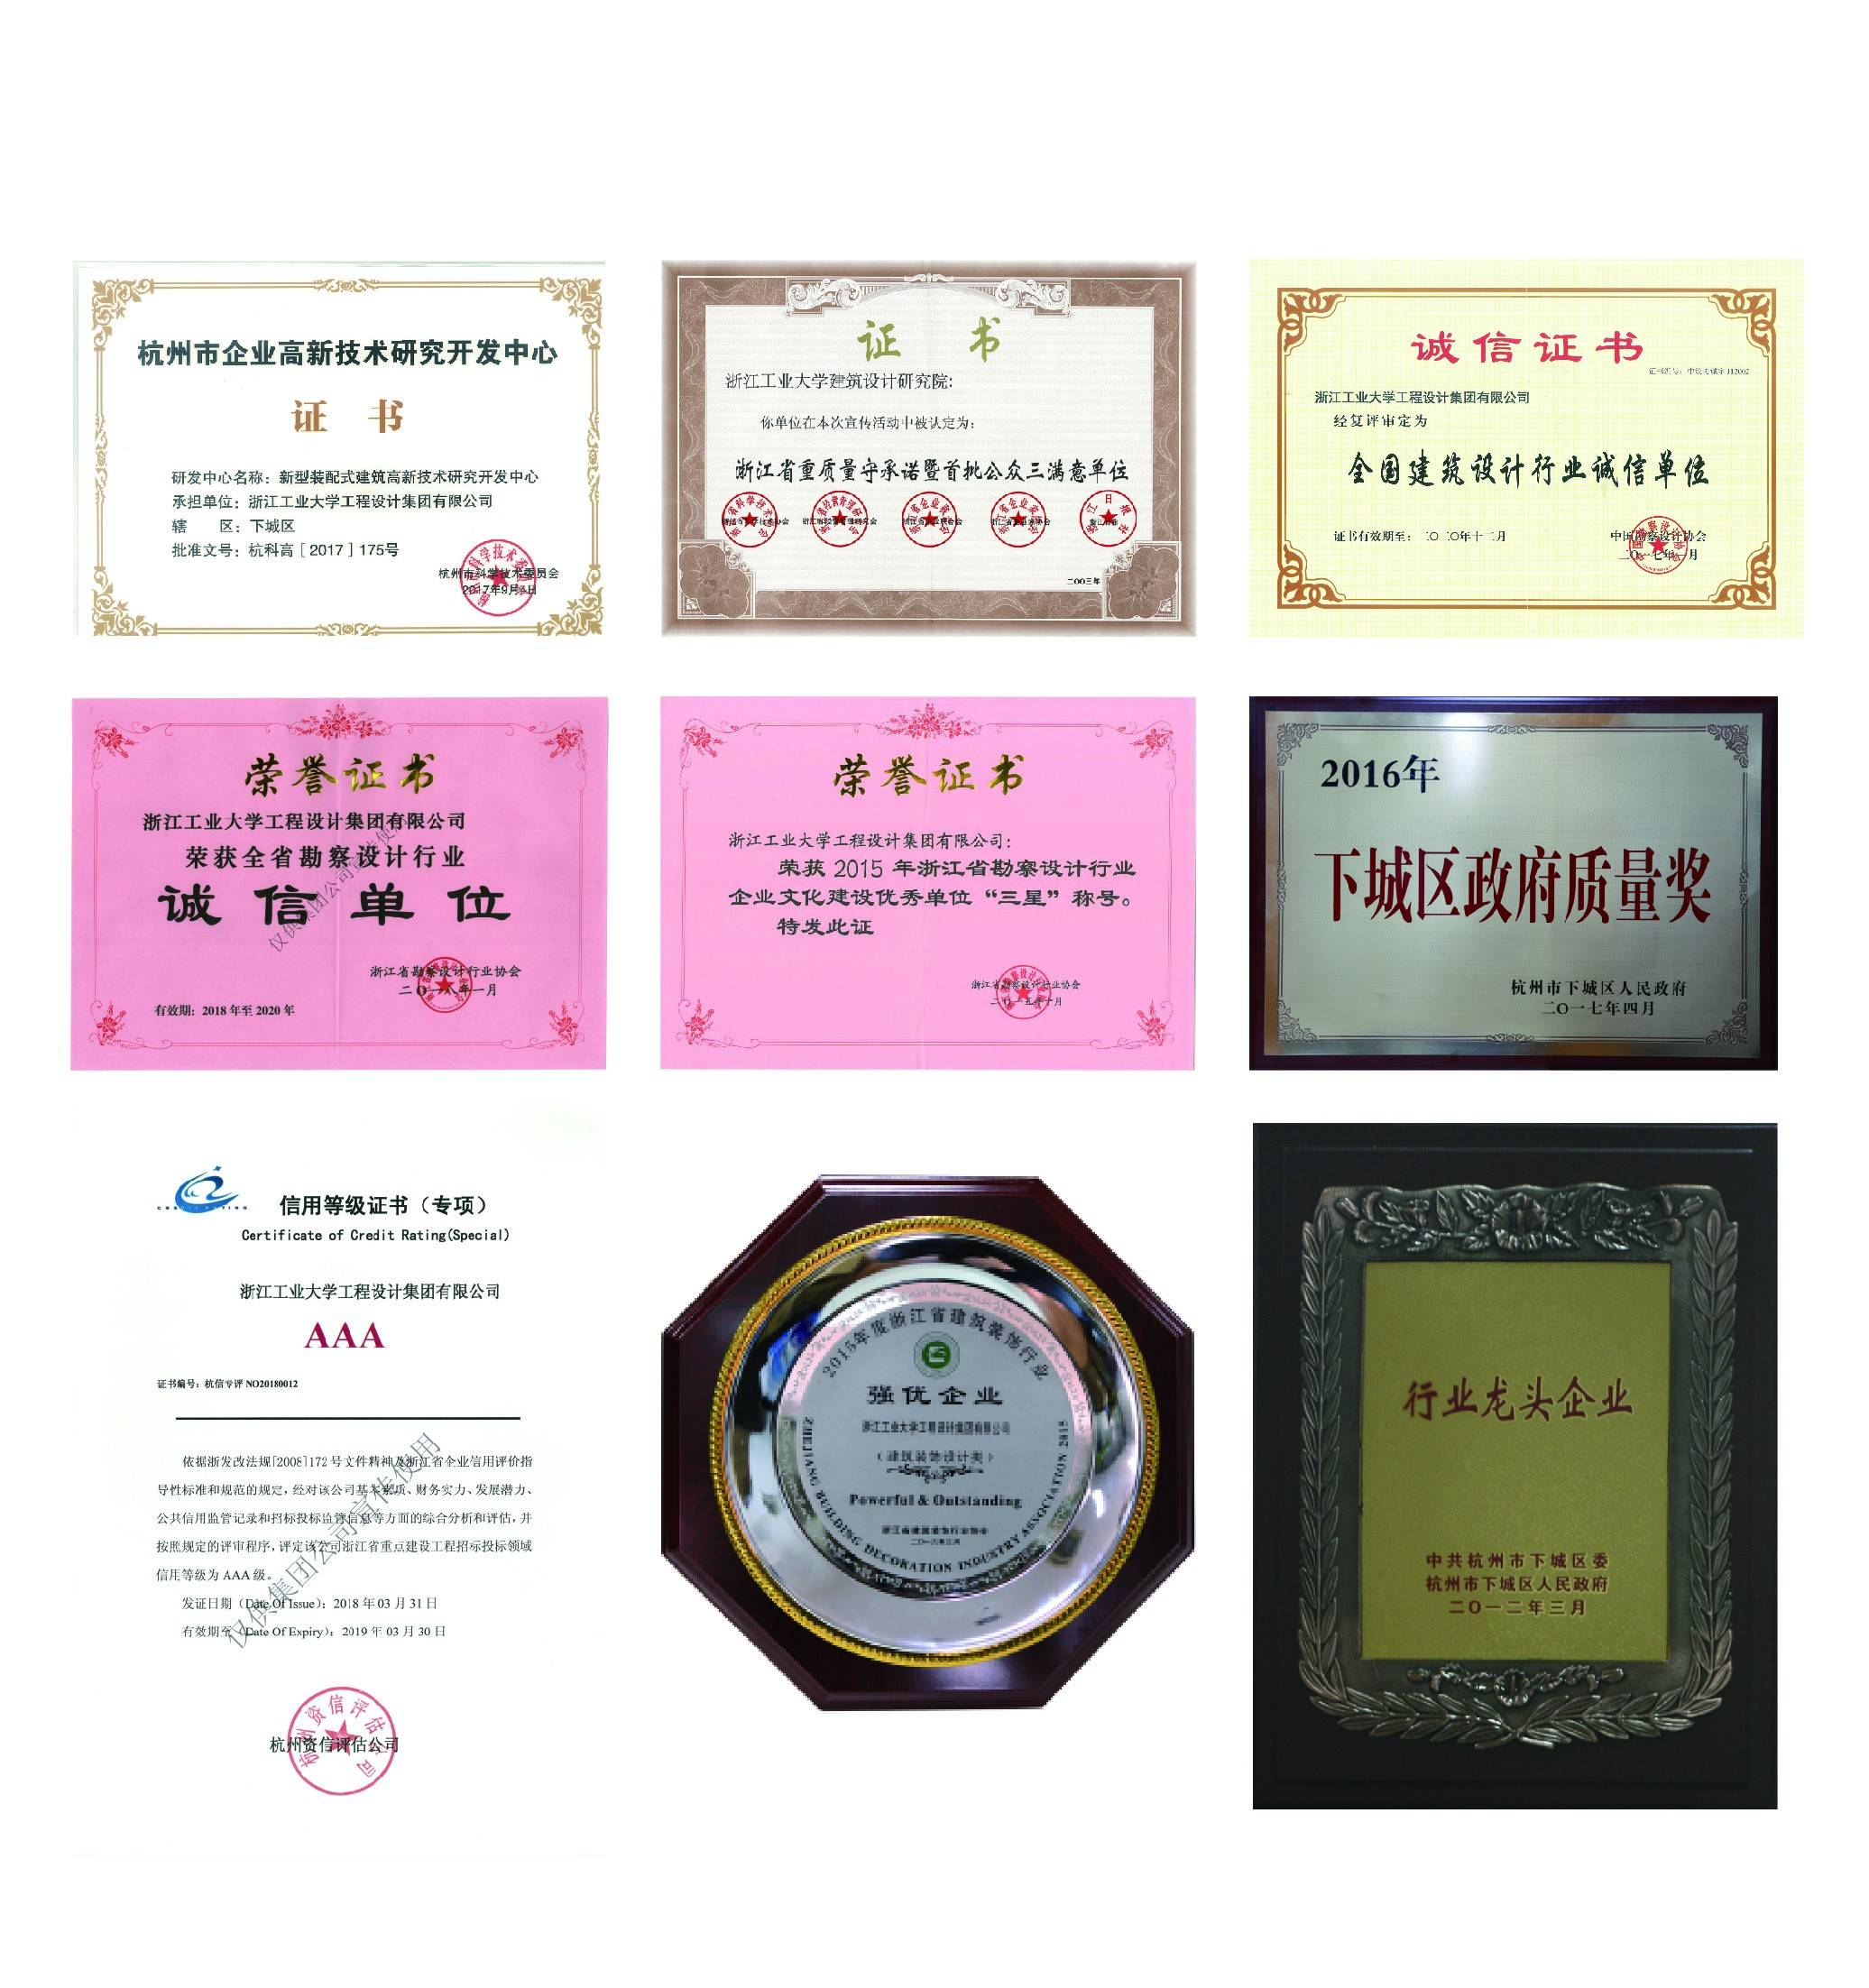 组织架构,资质介绍.,http://image.azut.cn/荣誉奖章ai-05.jpg